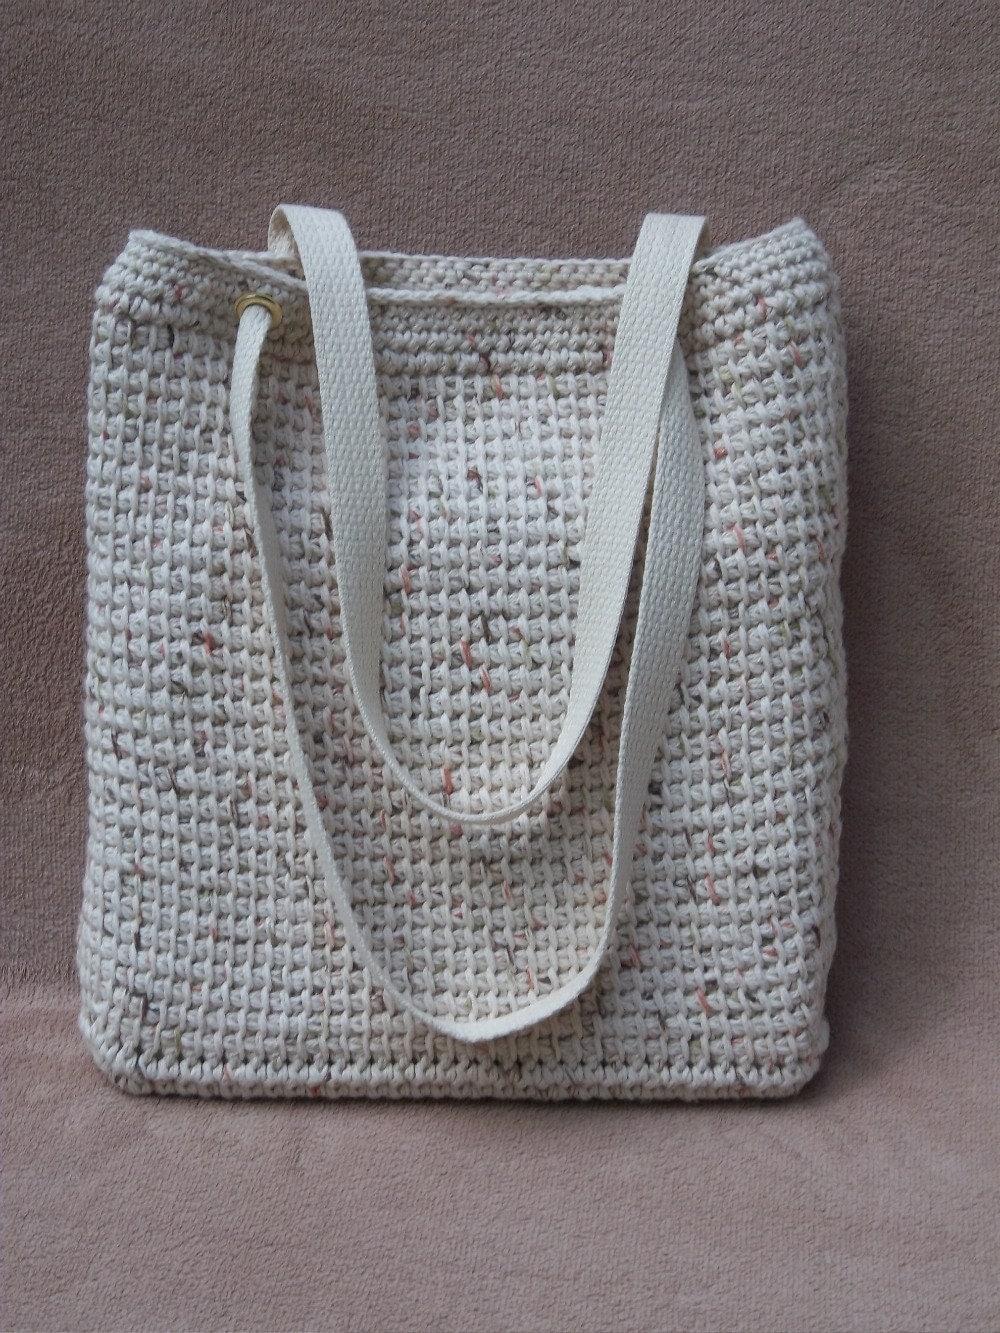 Large Bag Large Bag Beige Cotton Tunisian by DarlenesGiftShop